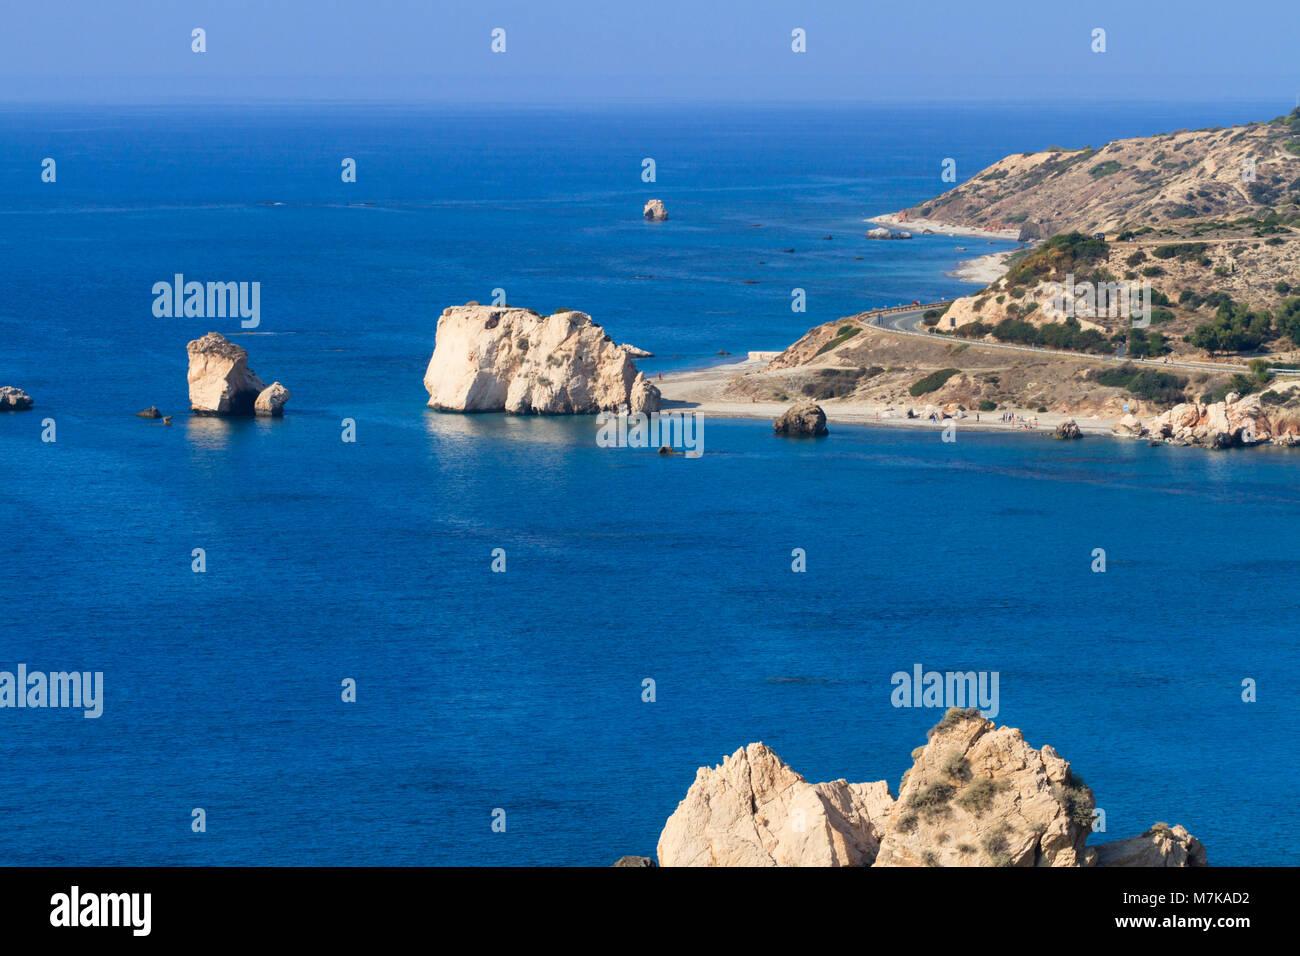 Aphrodite's Rock, Petra tou Romiou, near Paphos, Cyprus - Stock Image